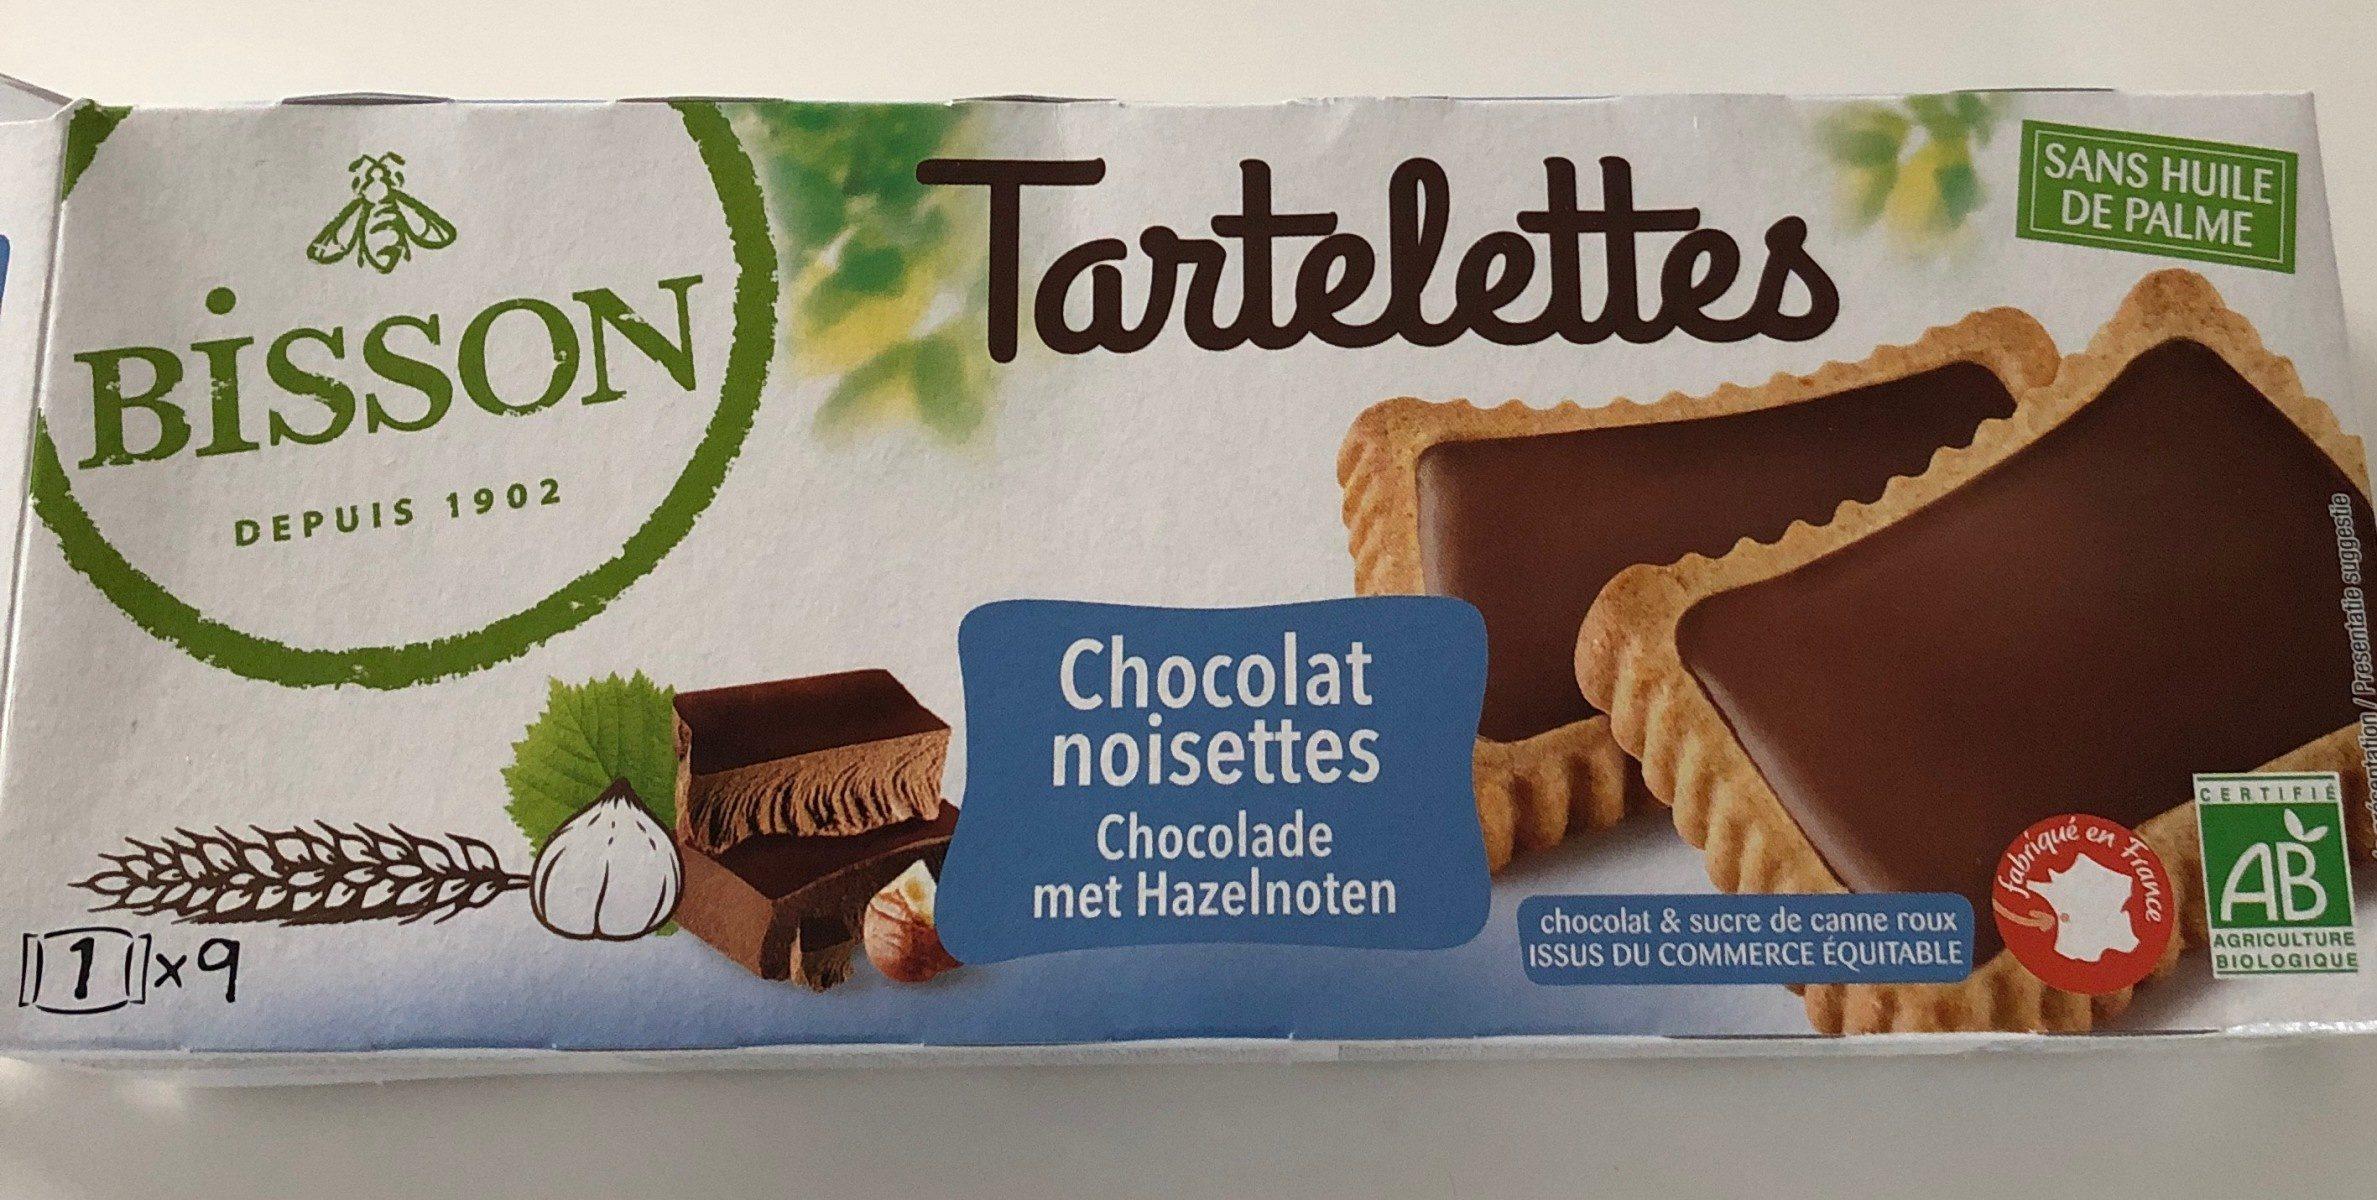 Tartelettes chocolat noisettes - Product